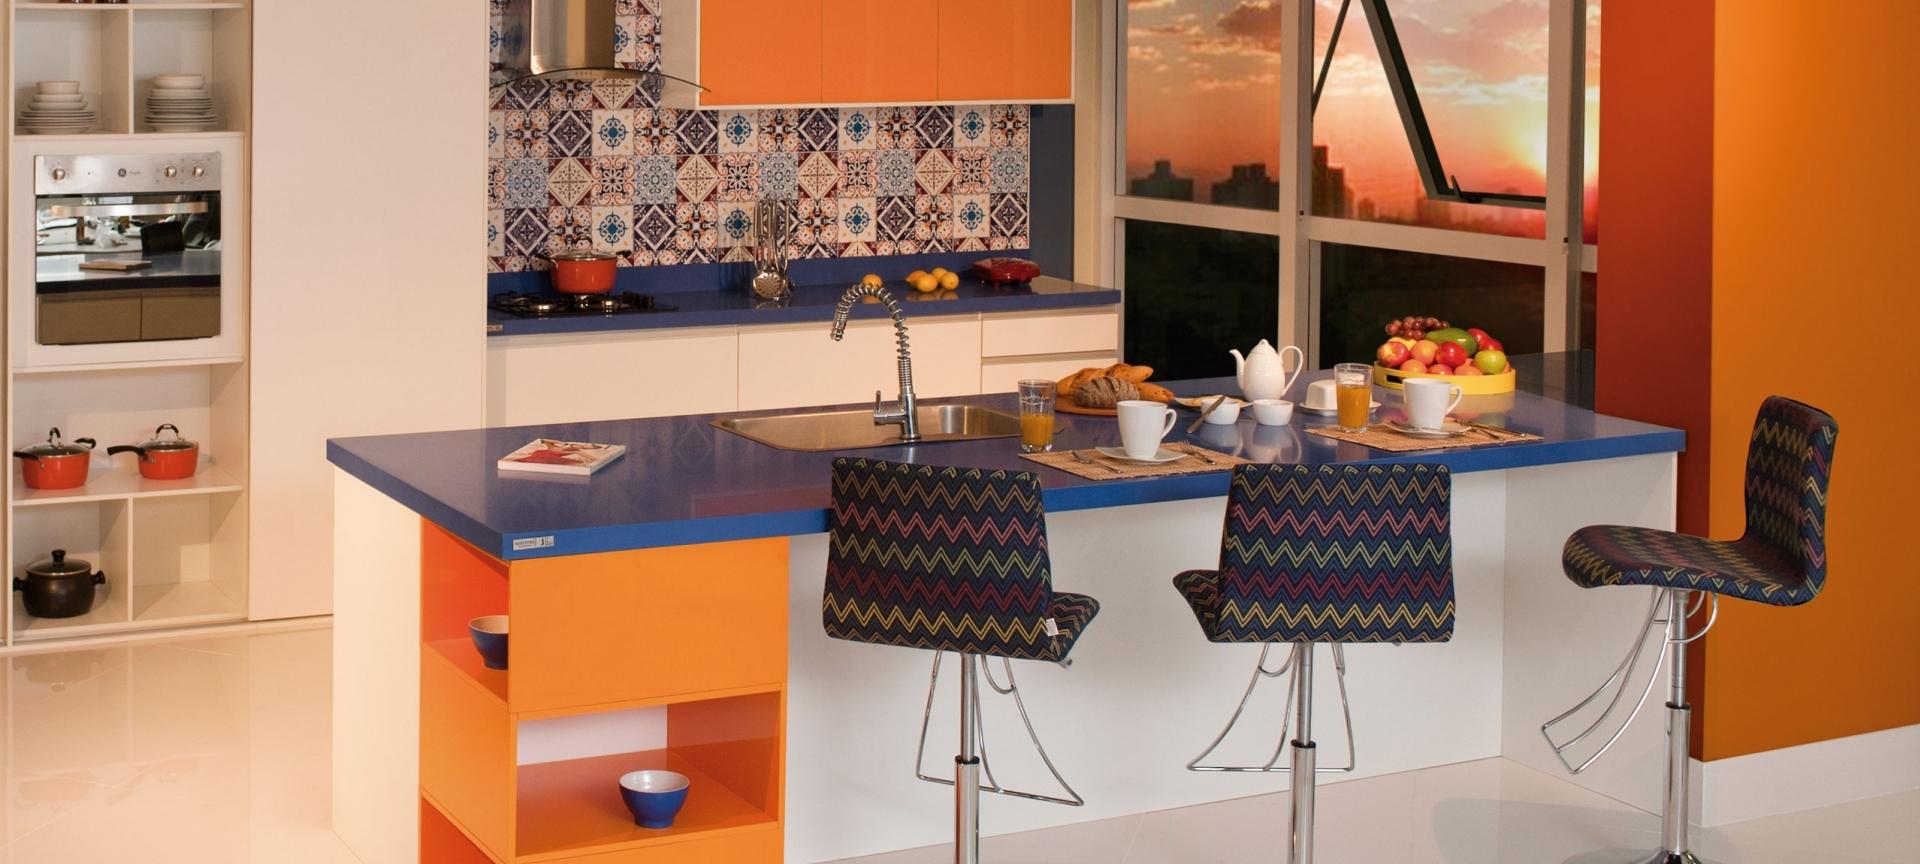 Onde Encontrar Móveis de Cozinha Planejada na CECAP - Cozinha Planejada para Apartamento